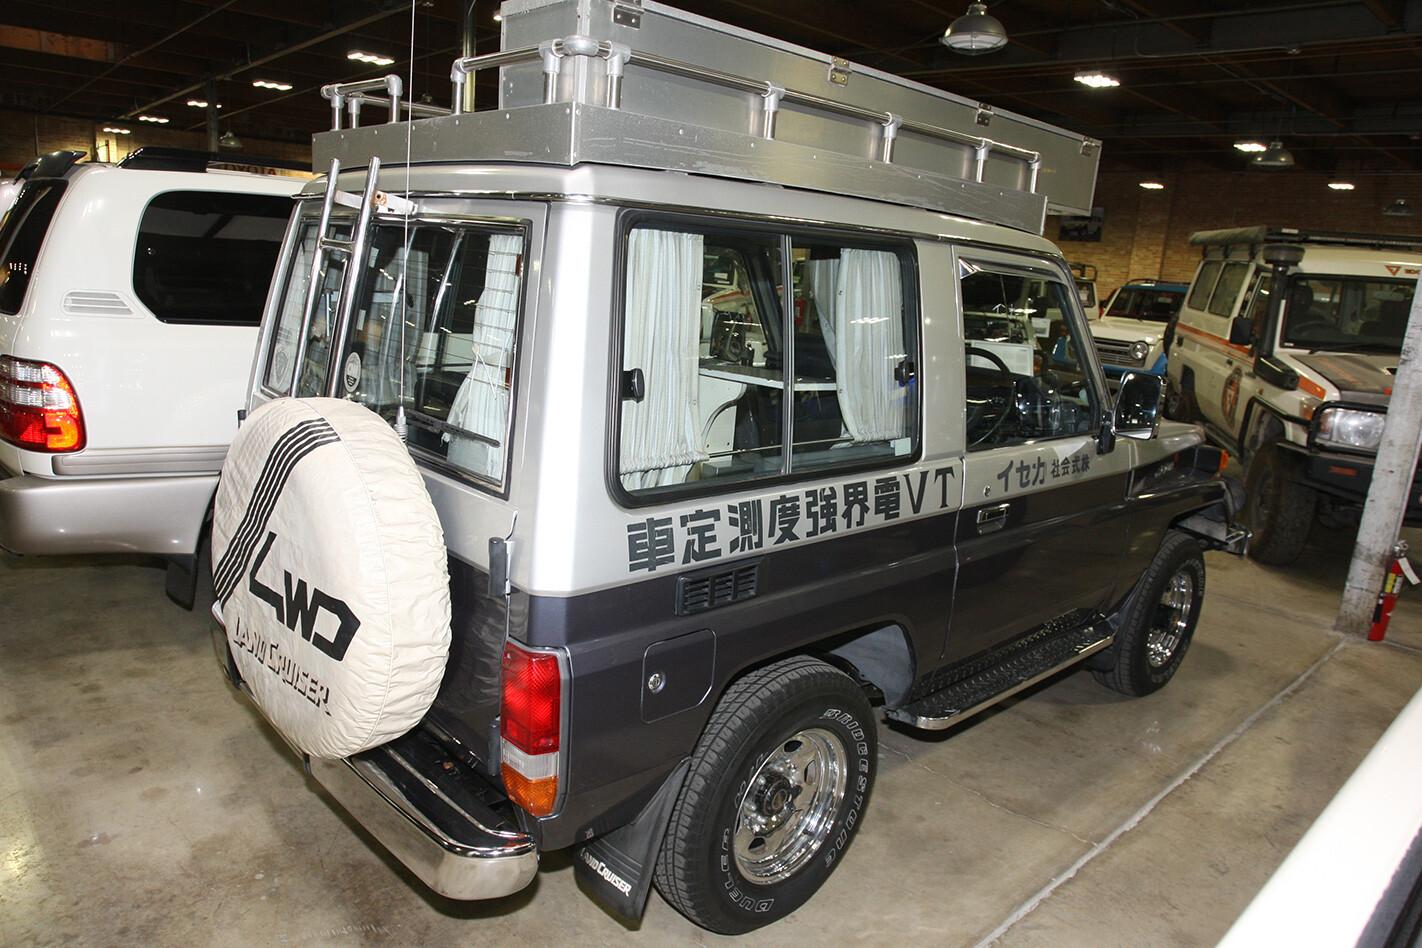 Land Cruiser Museum 1986 BJ70 TV